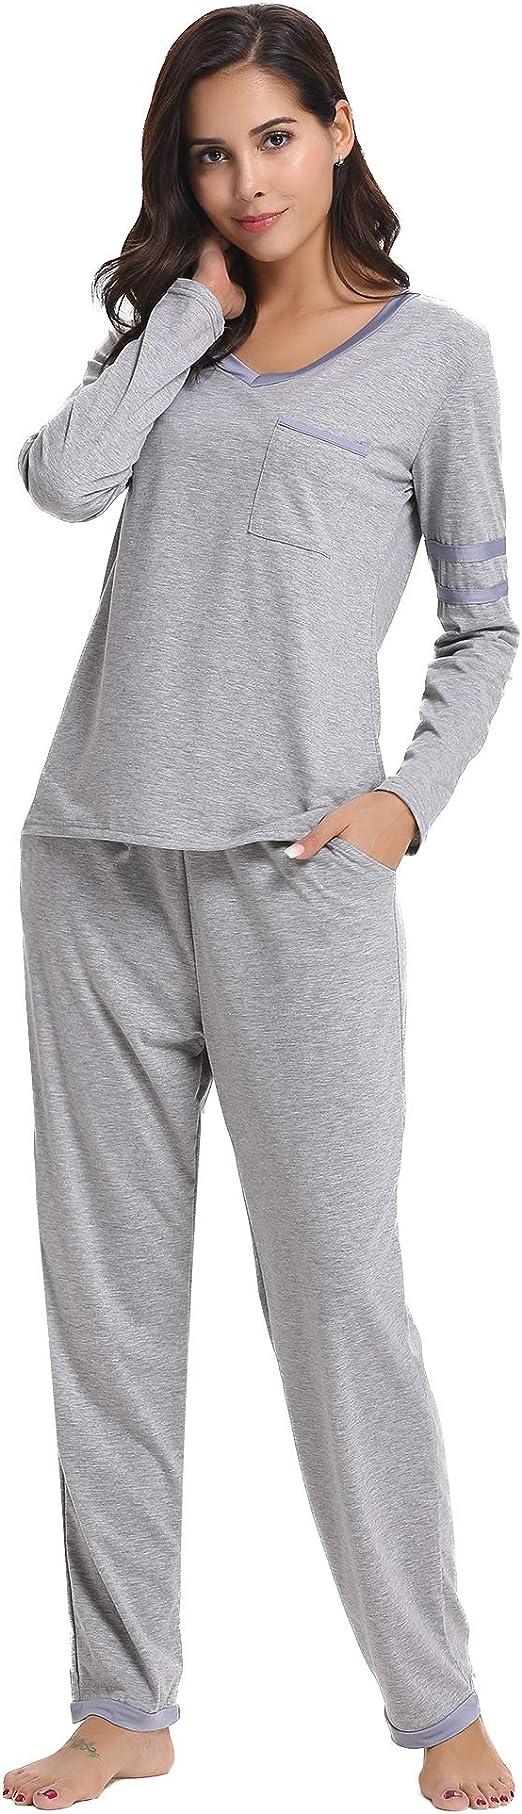 TALLA XL. Hawiton Pijama Mujer de Algodón Invierno Otoño Mangas Larga Ropa de Domir 2 Piezas Pantalones Largo